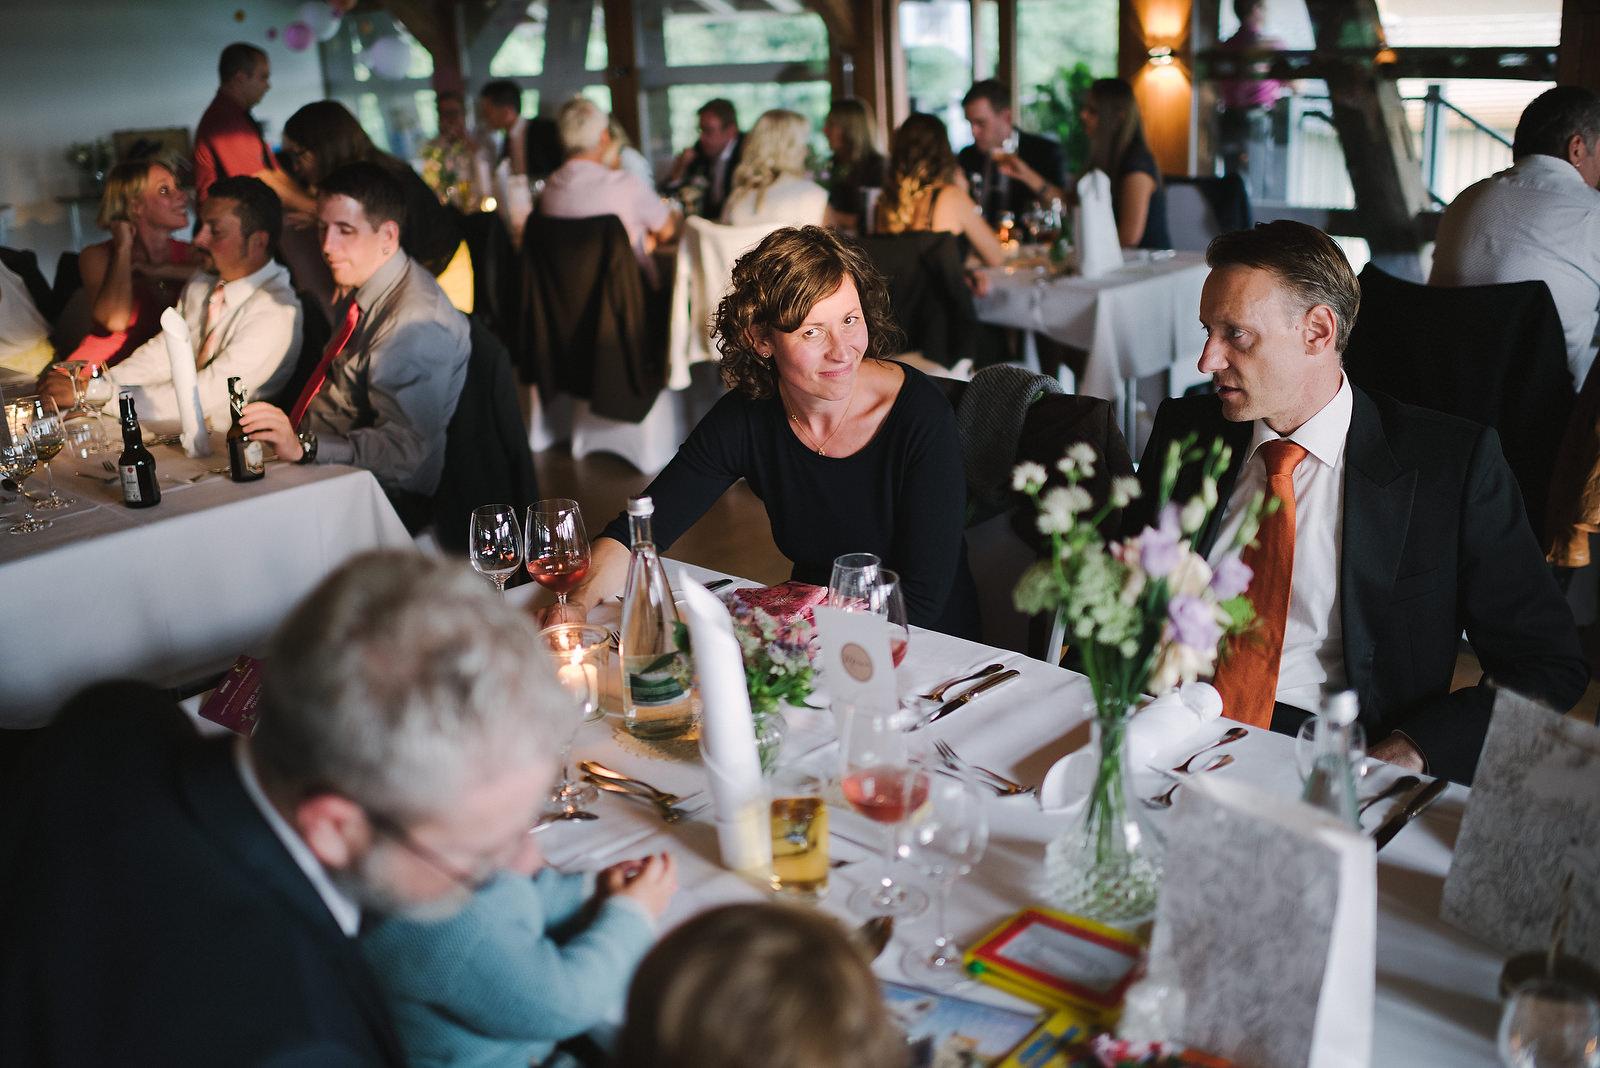 Fotograf Konstanz - Hochzeitsfotograf Reutlingen Achalm Hochzeit EFP 78 - Documentary wedding story on the Achalm, Reutlingen  - 64 -